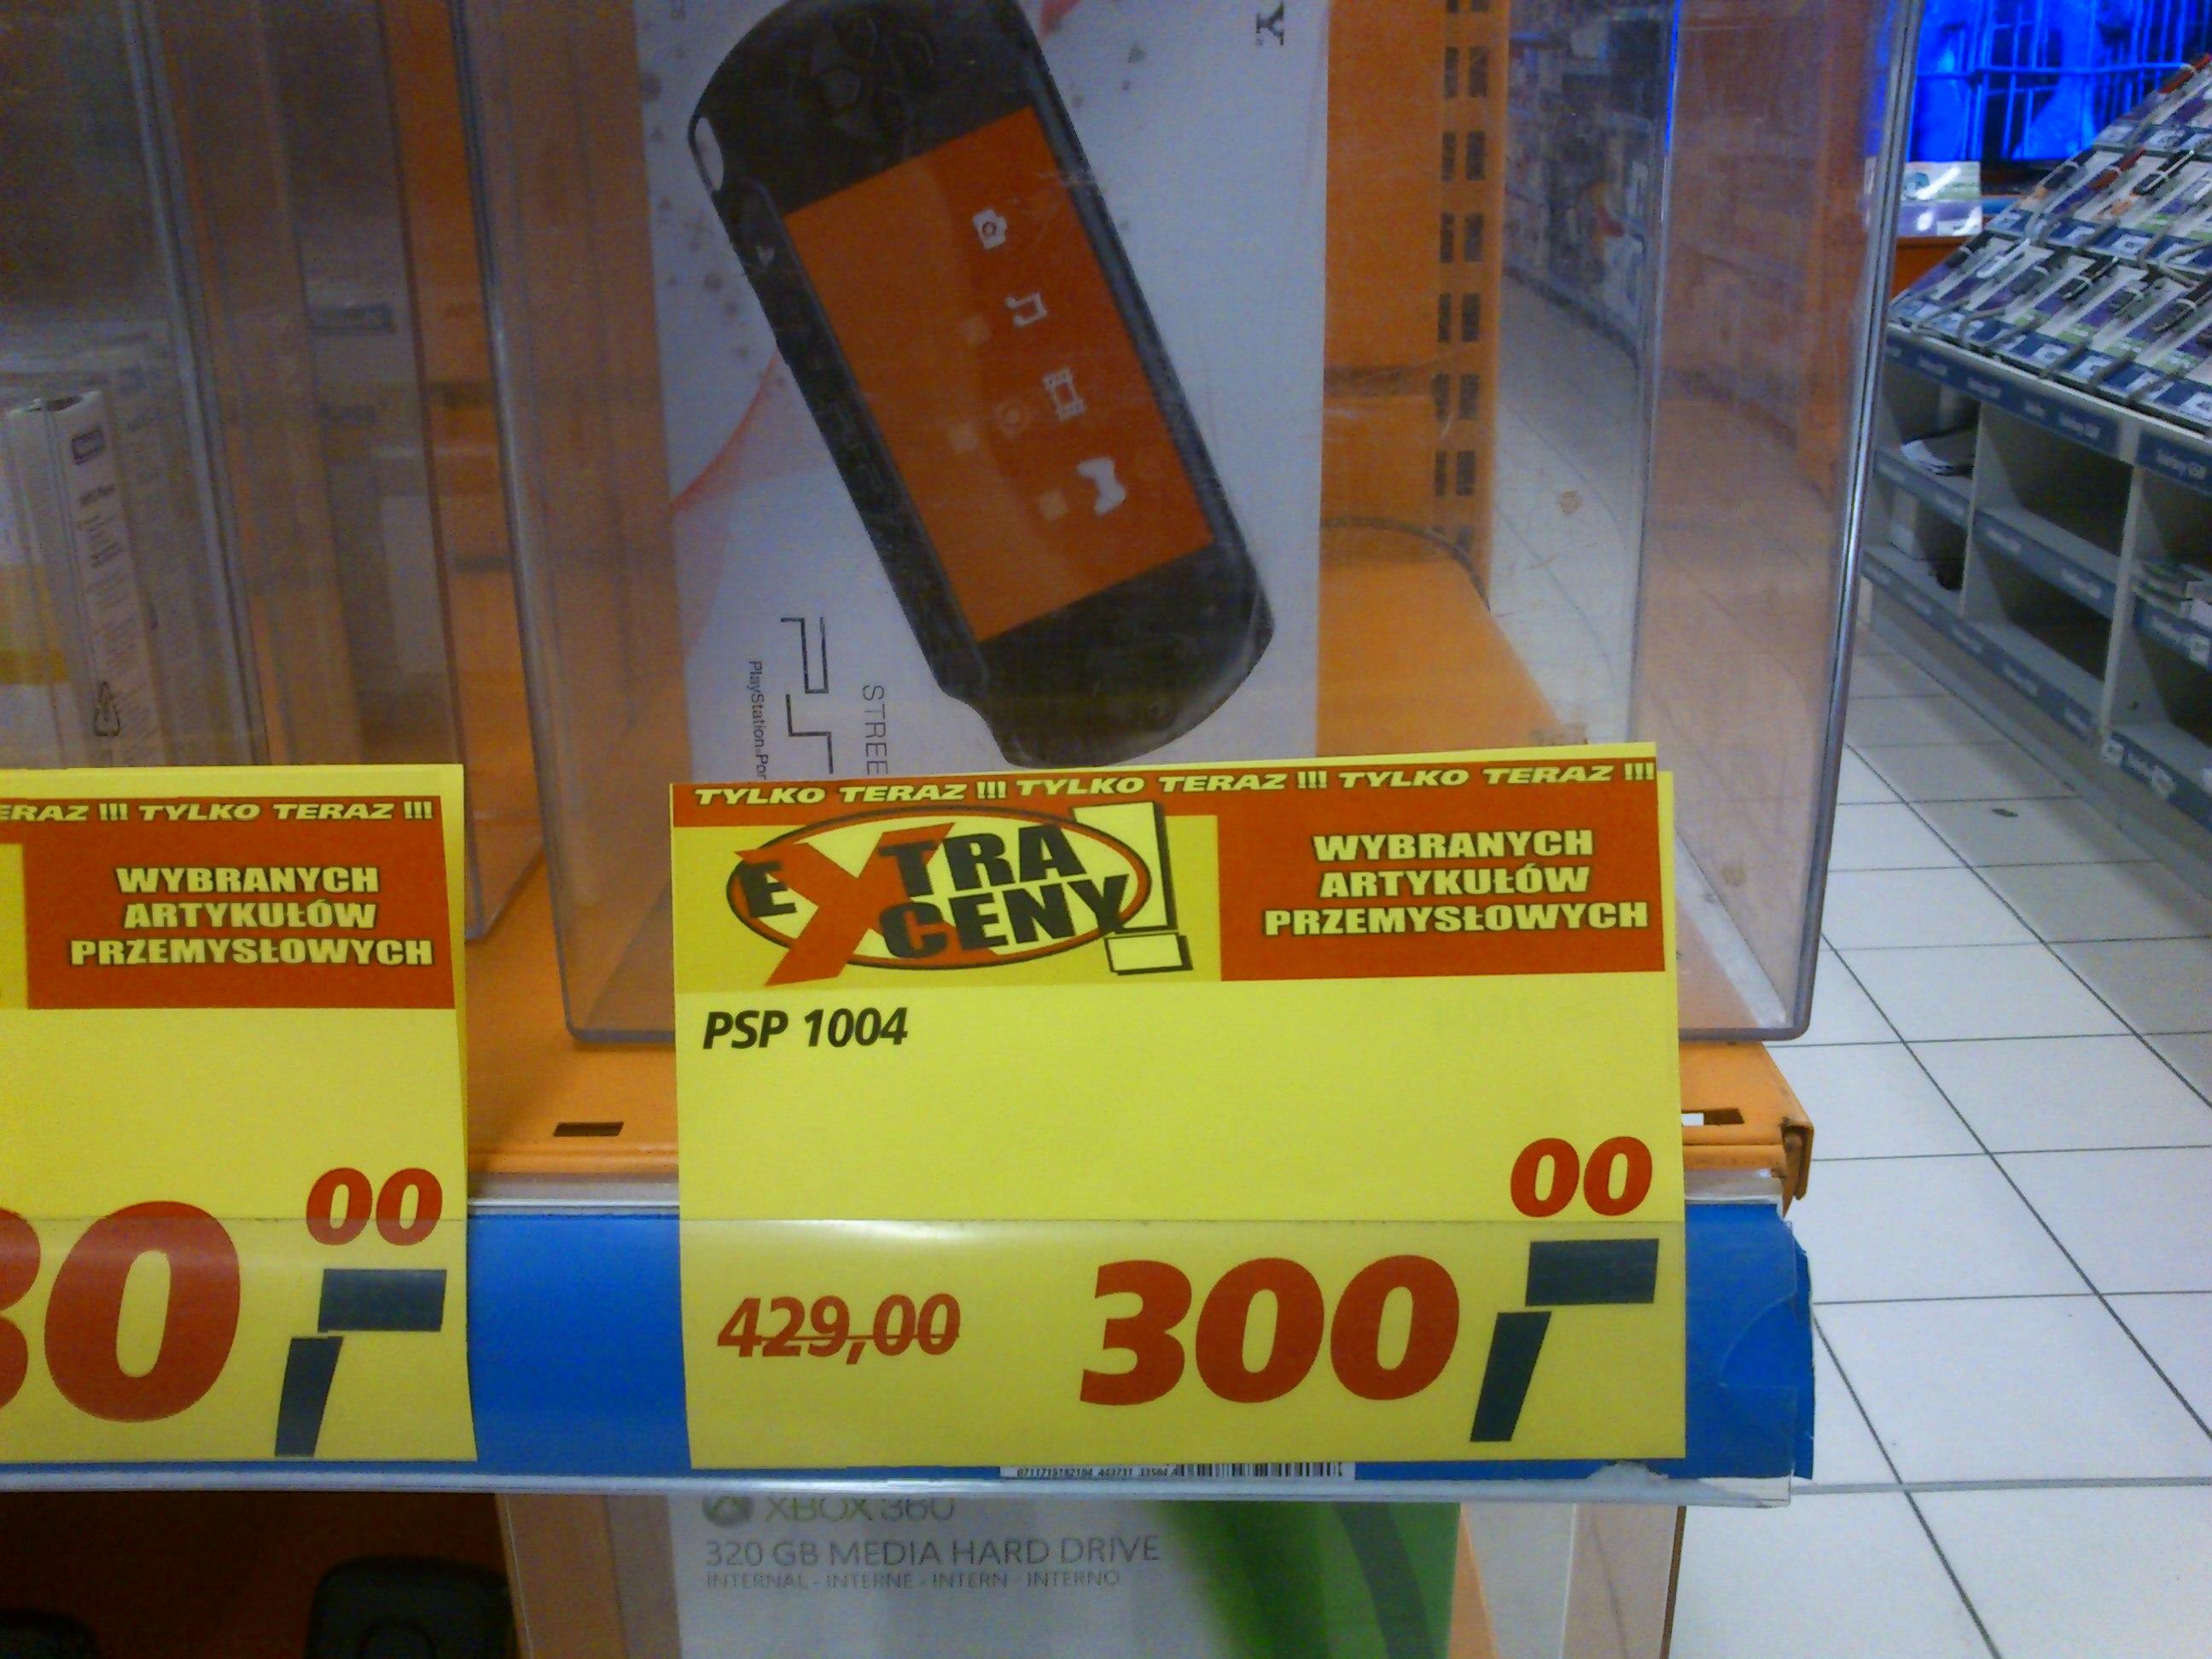 PSP E1004 za 300zł @ Real